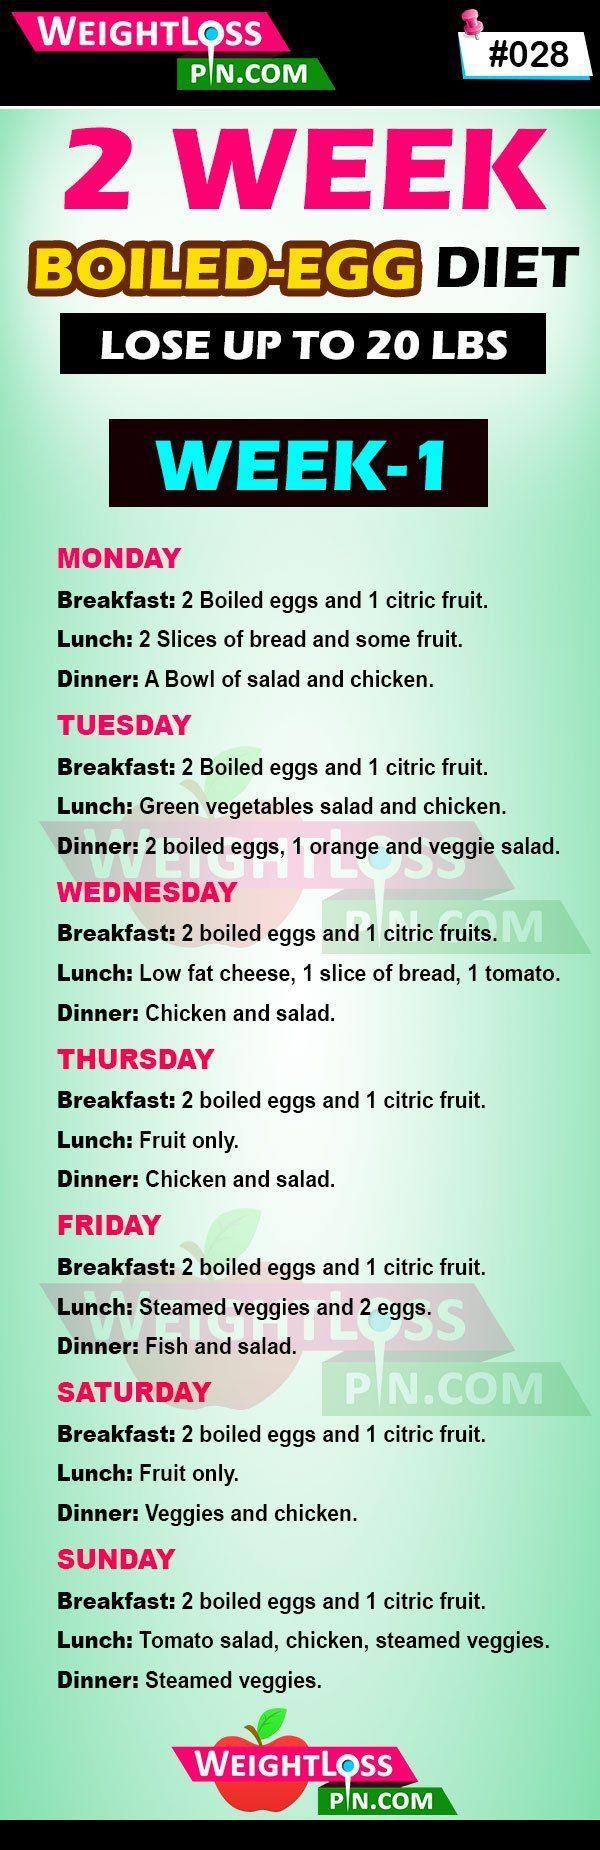 pierdere în greutate sw prima săptămână cum să nu slăbești